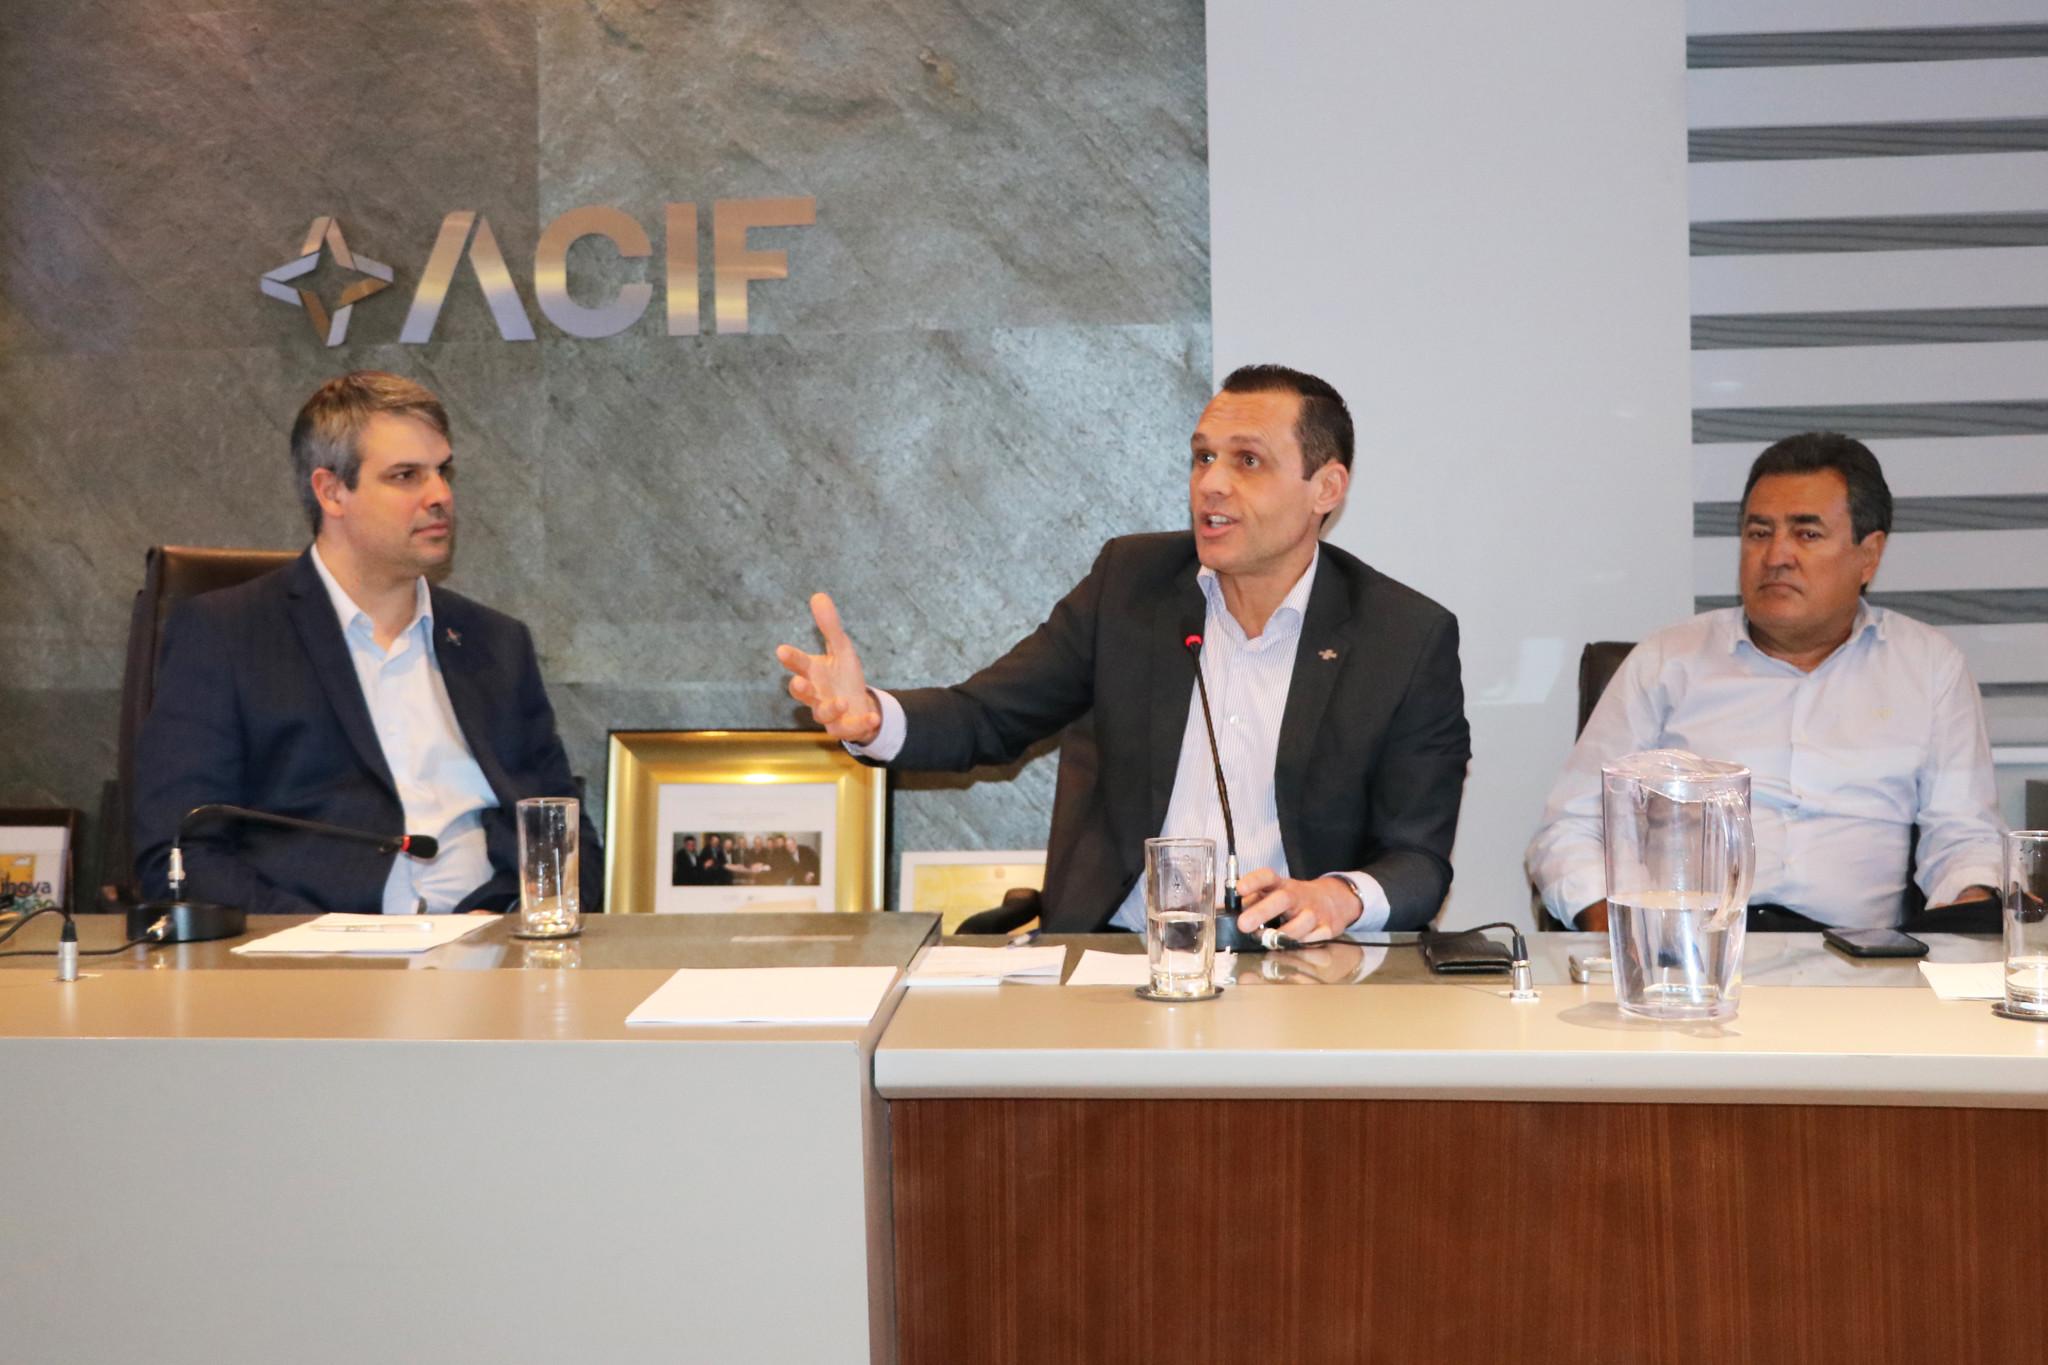 Palestra na Associação de Comércio e Indústria de Florianópolis – ACIF